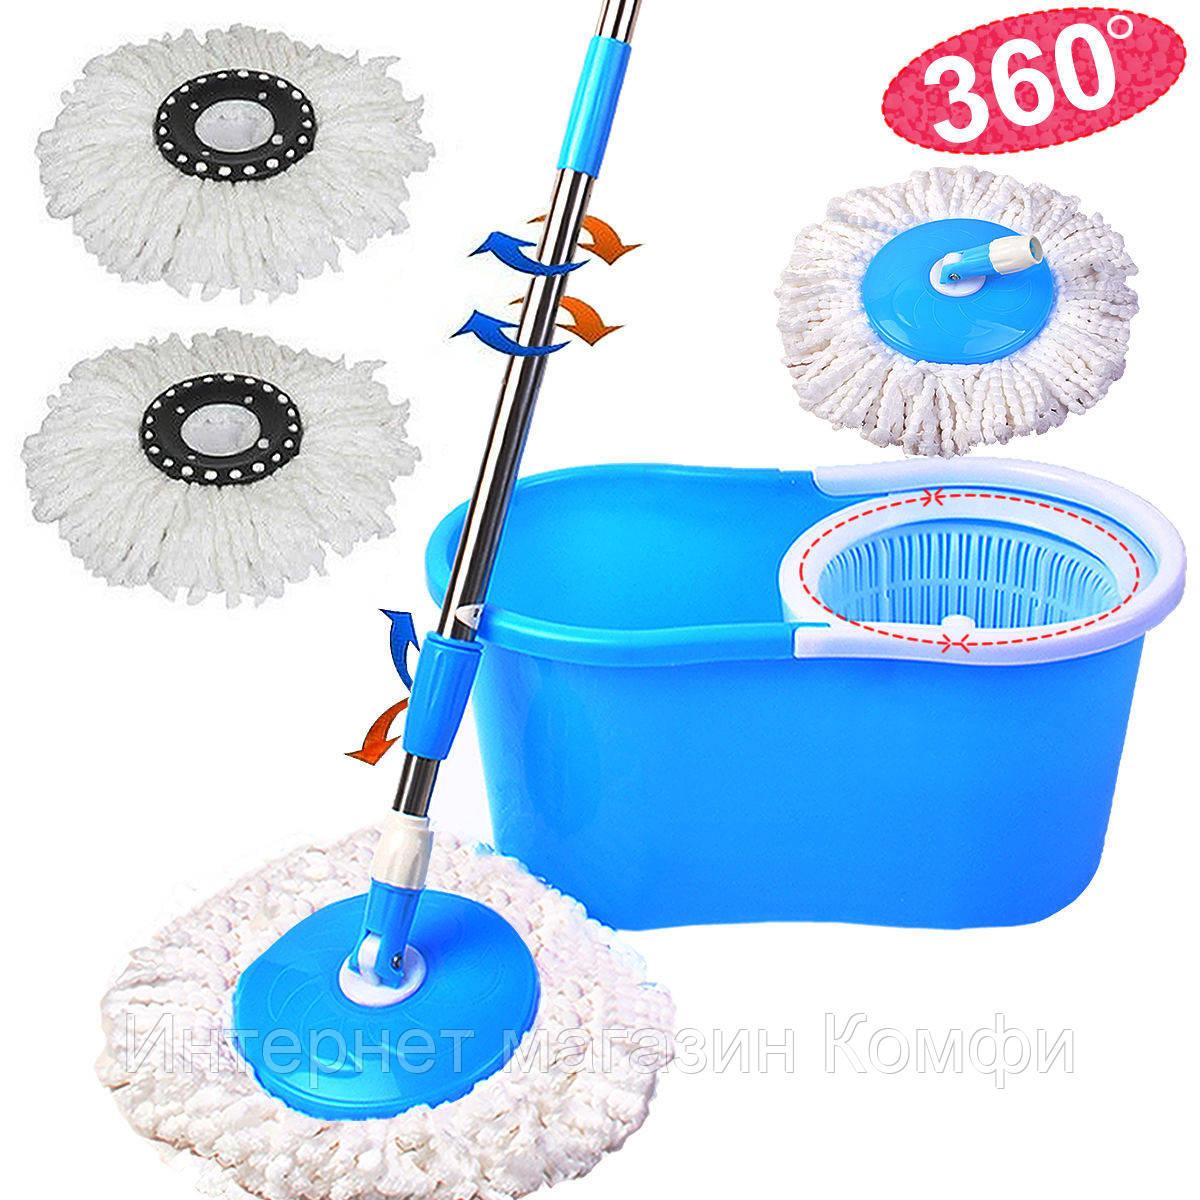 🔥✅ Ведро со шваброй и отжимом Magic Mop 360 (Меджик Моп) + 1 насадка из микрофибры